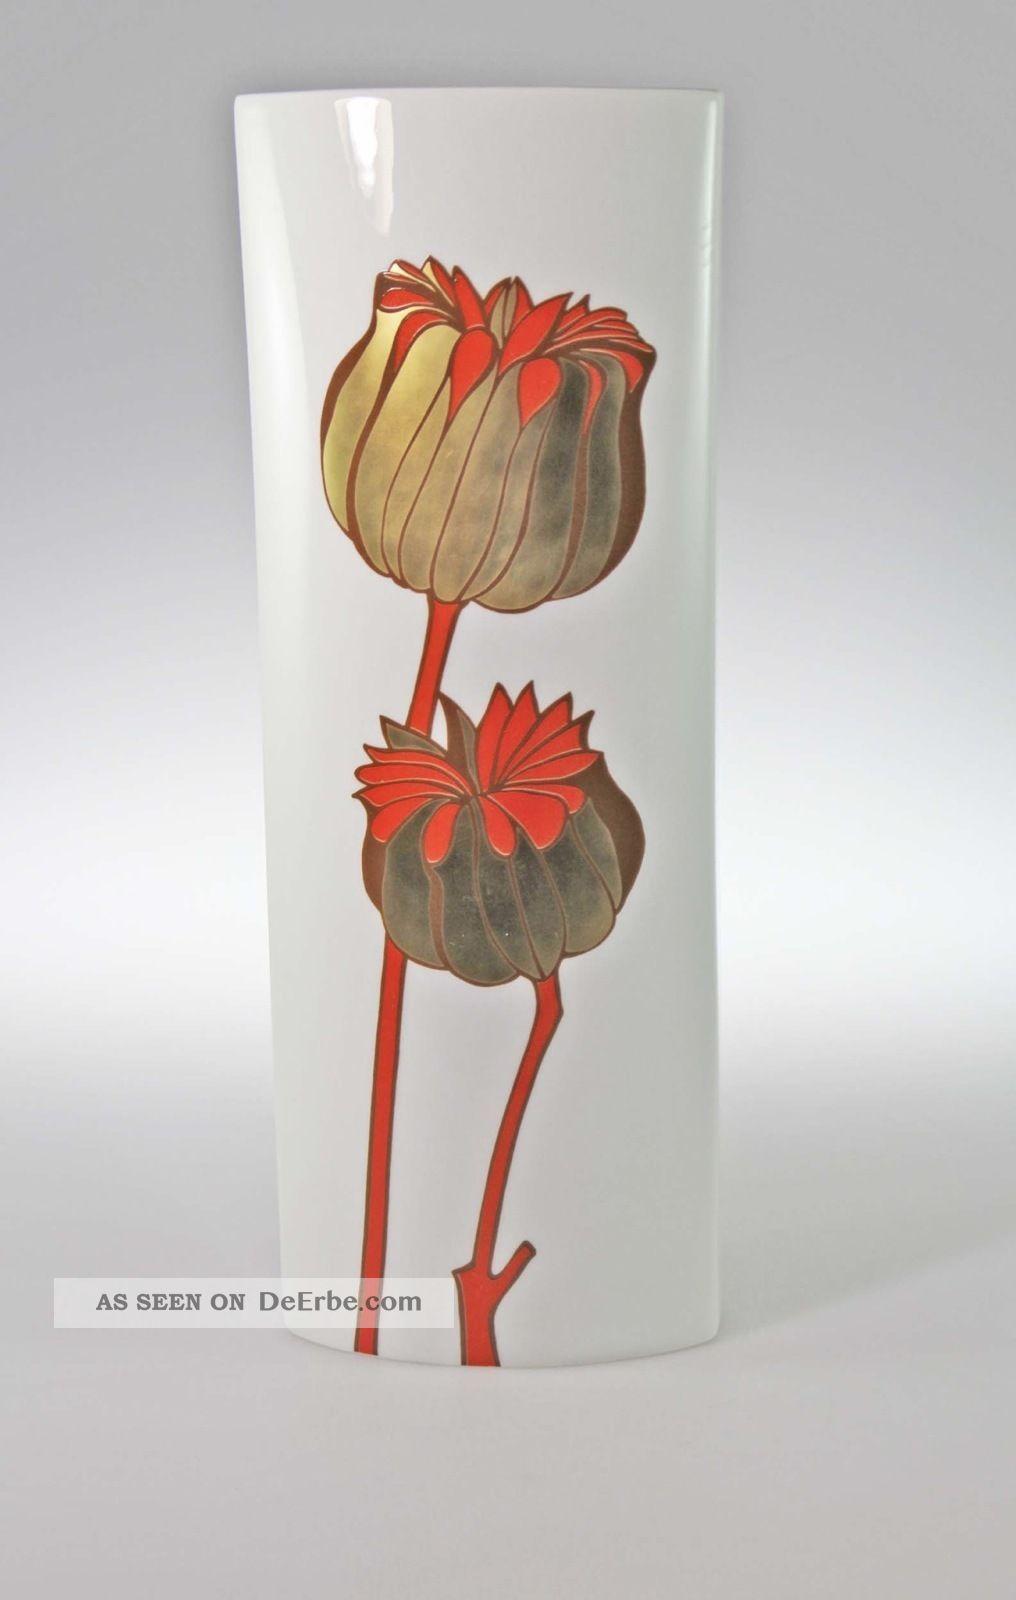 Große Fürstenberg Vase 33 Cm Dekor 3462 70er Jahre Nach Marke & Herkunft Bild